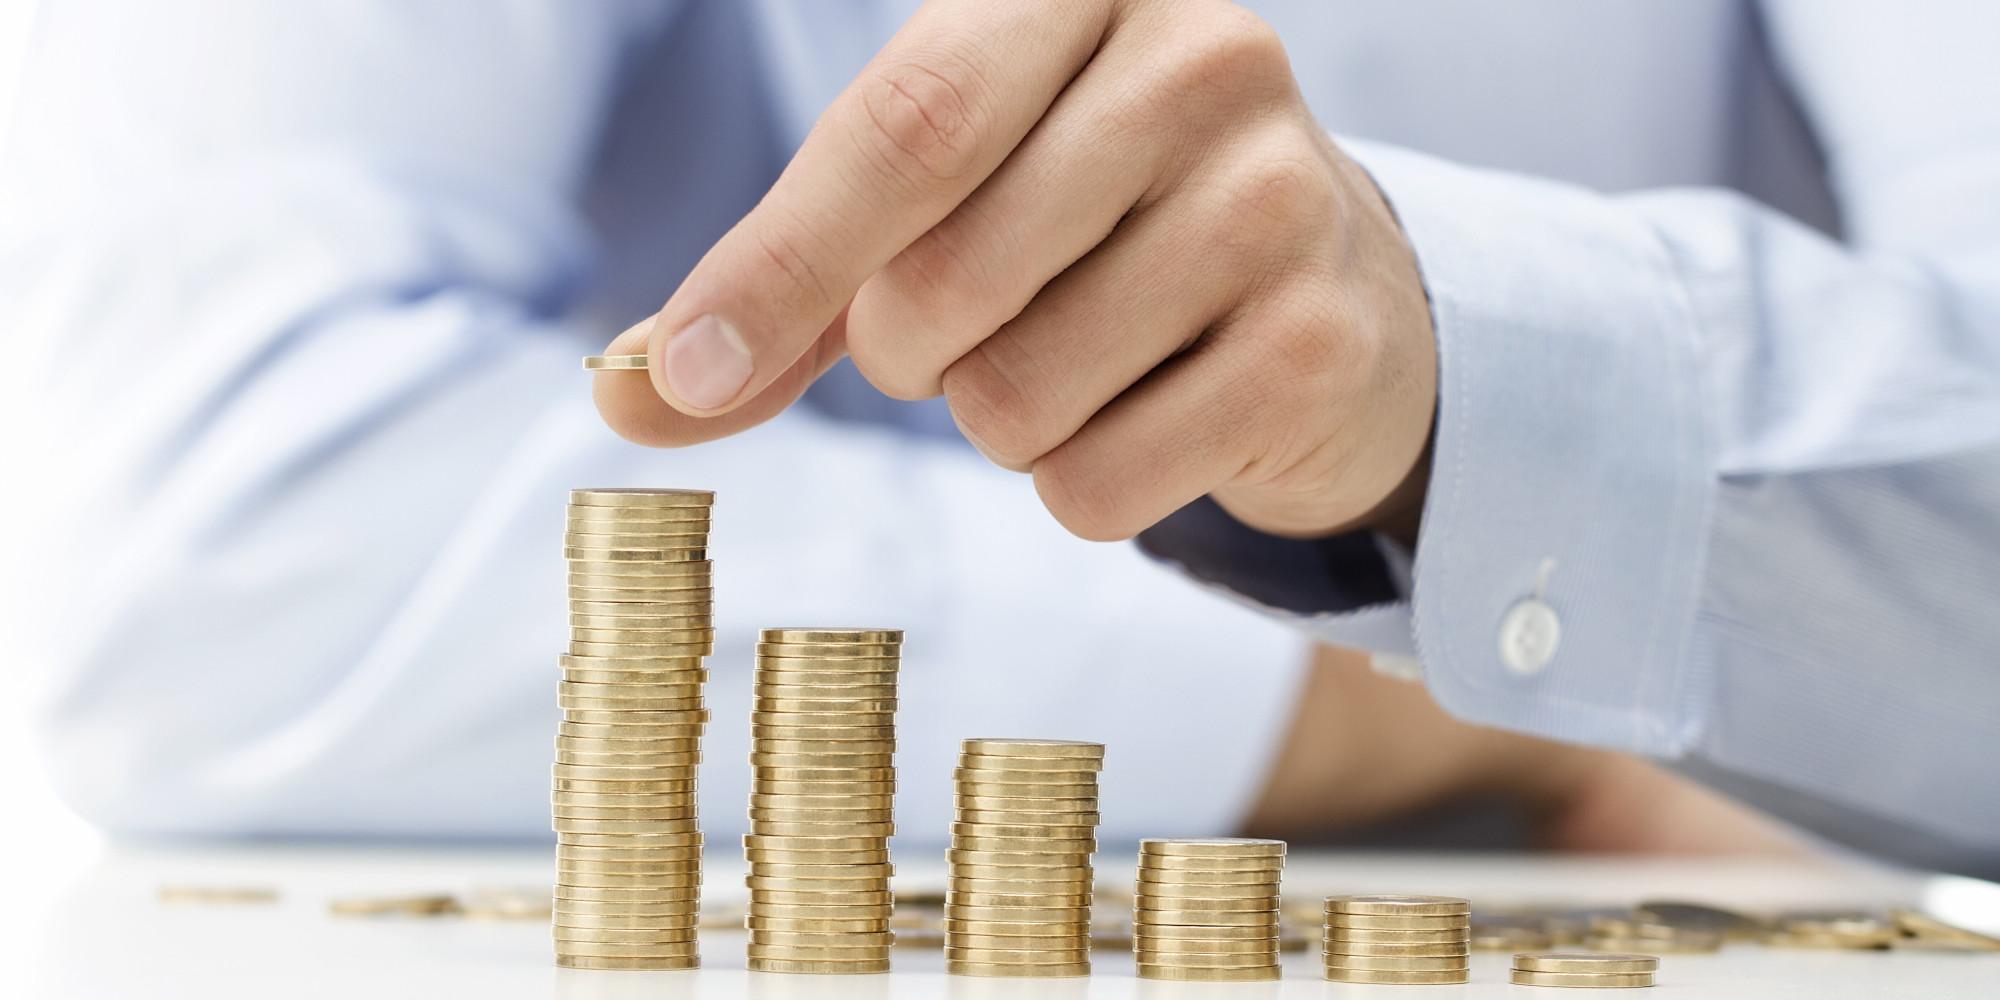 Фактическое повышение зарплат в 2019 году в Казахстане составит около 2% – исследование